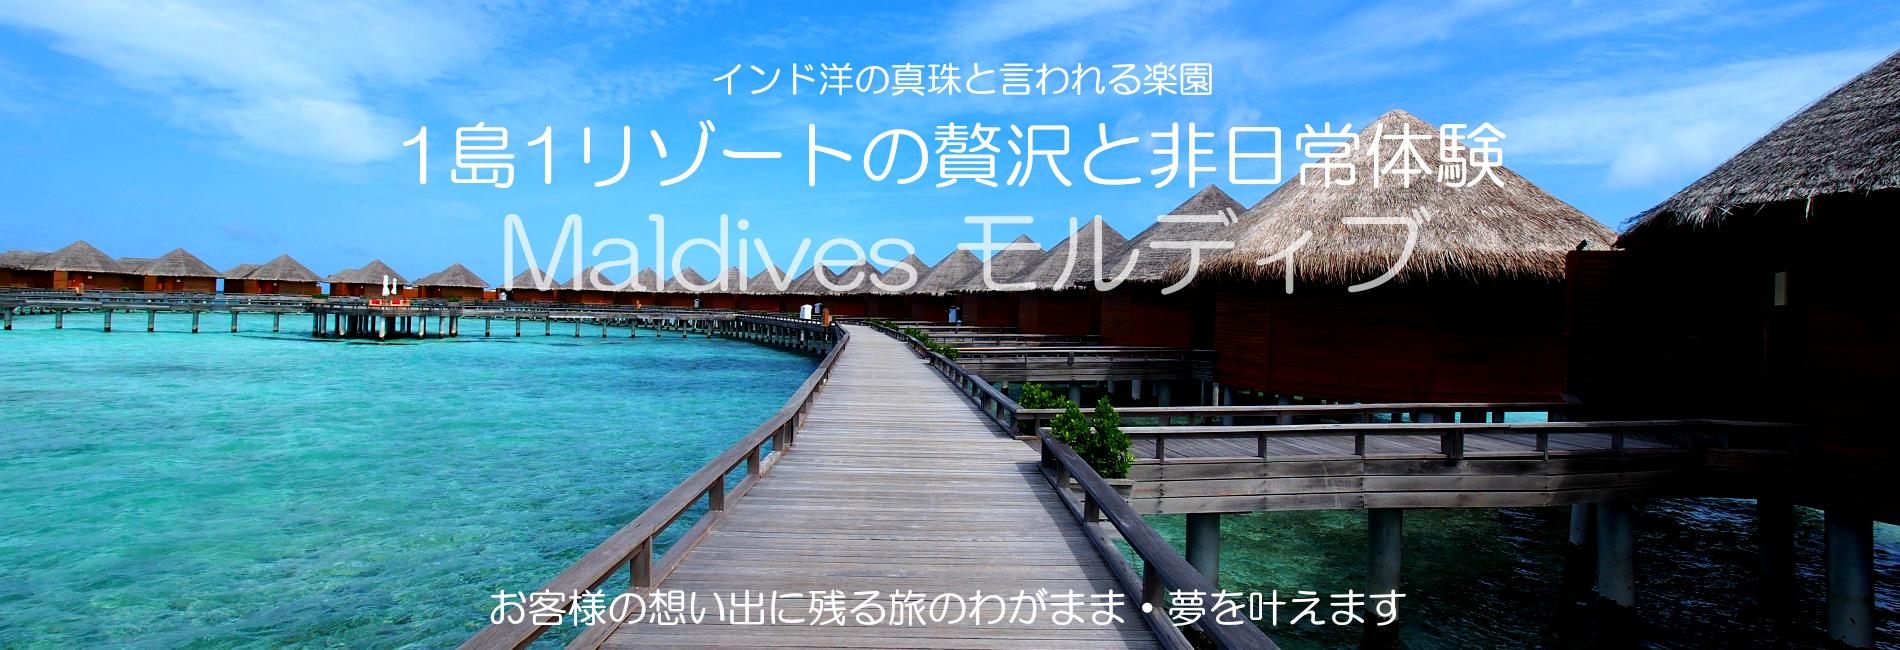 オーダーメイド旅行で行くモルディブ1島1リゾートmoldives費用・見積もり・予算を徹底解説